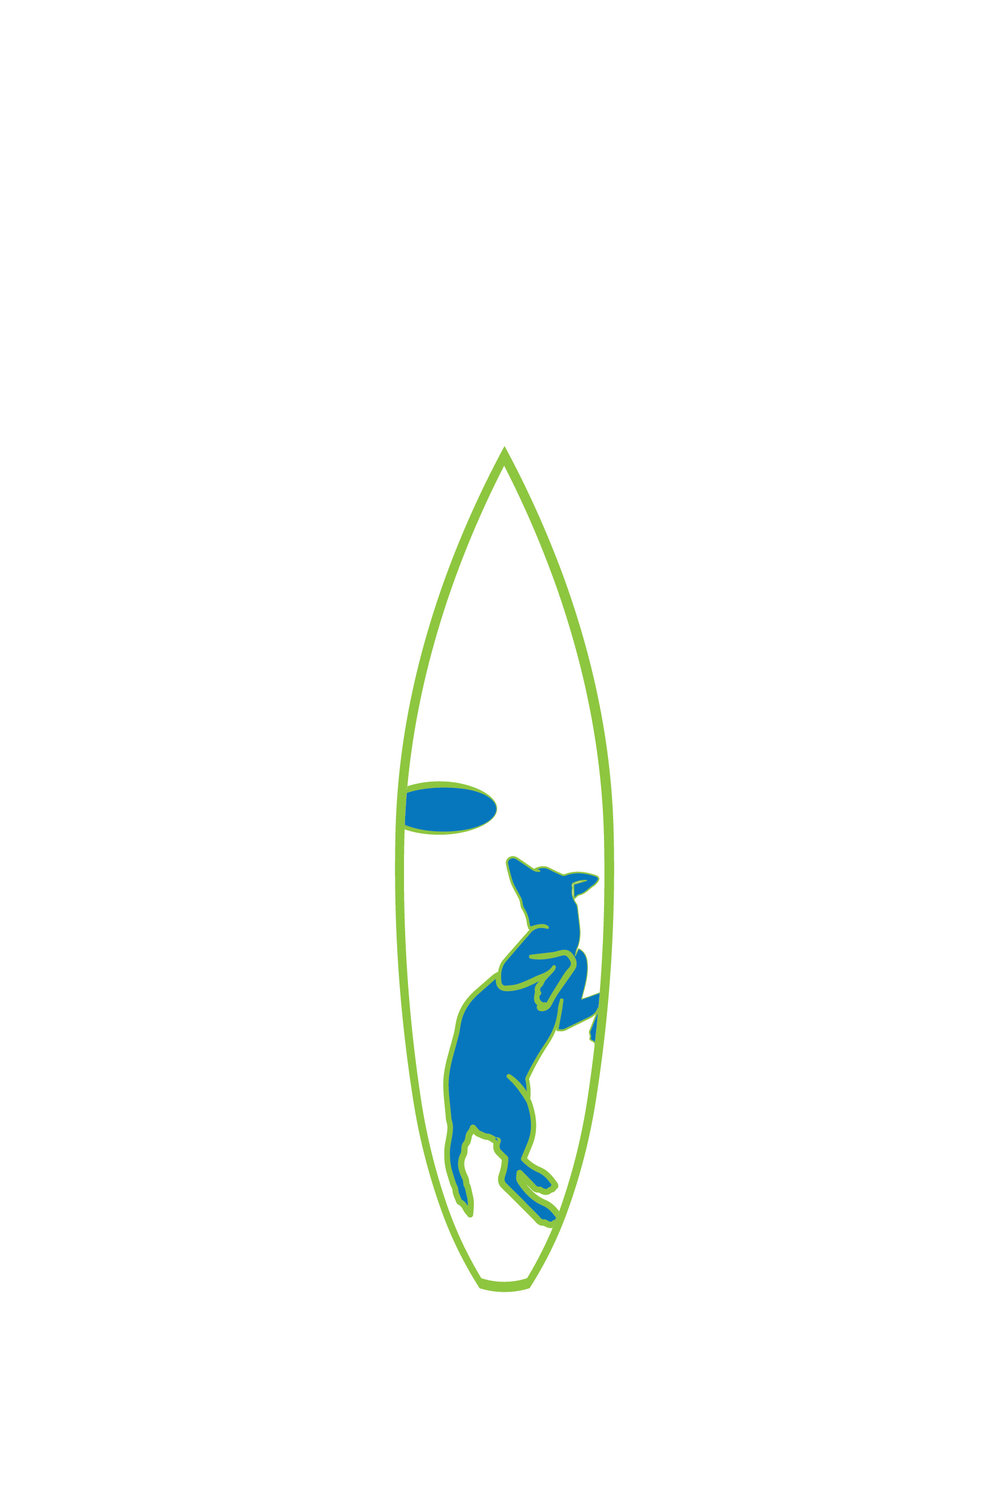 frisbee_dog_surfboard.jpg